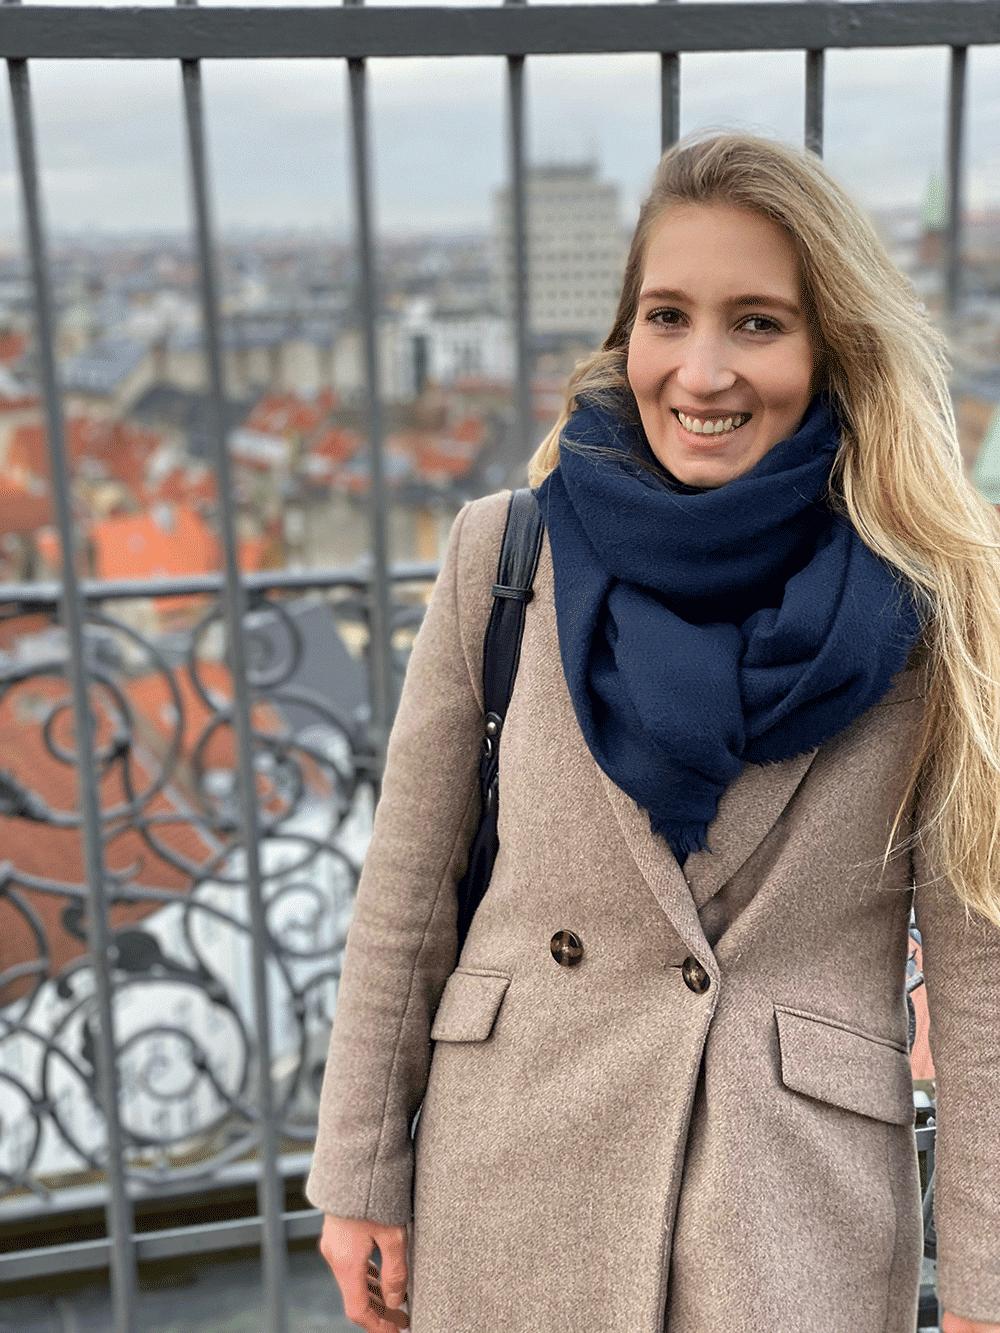 Sarah-Christina Fitzke